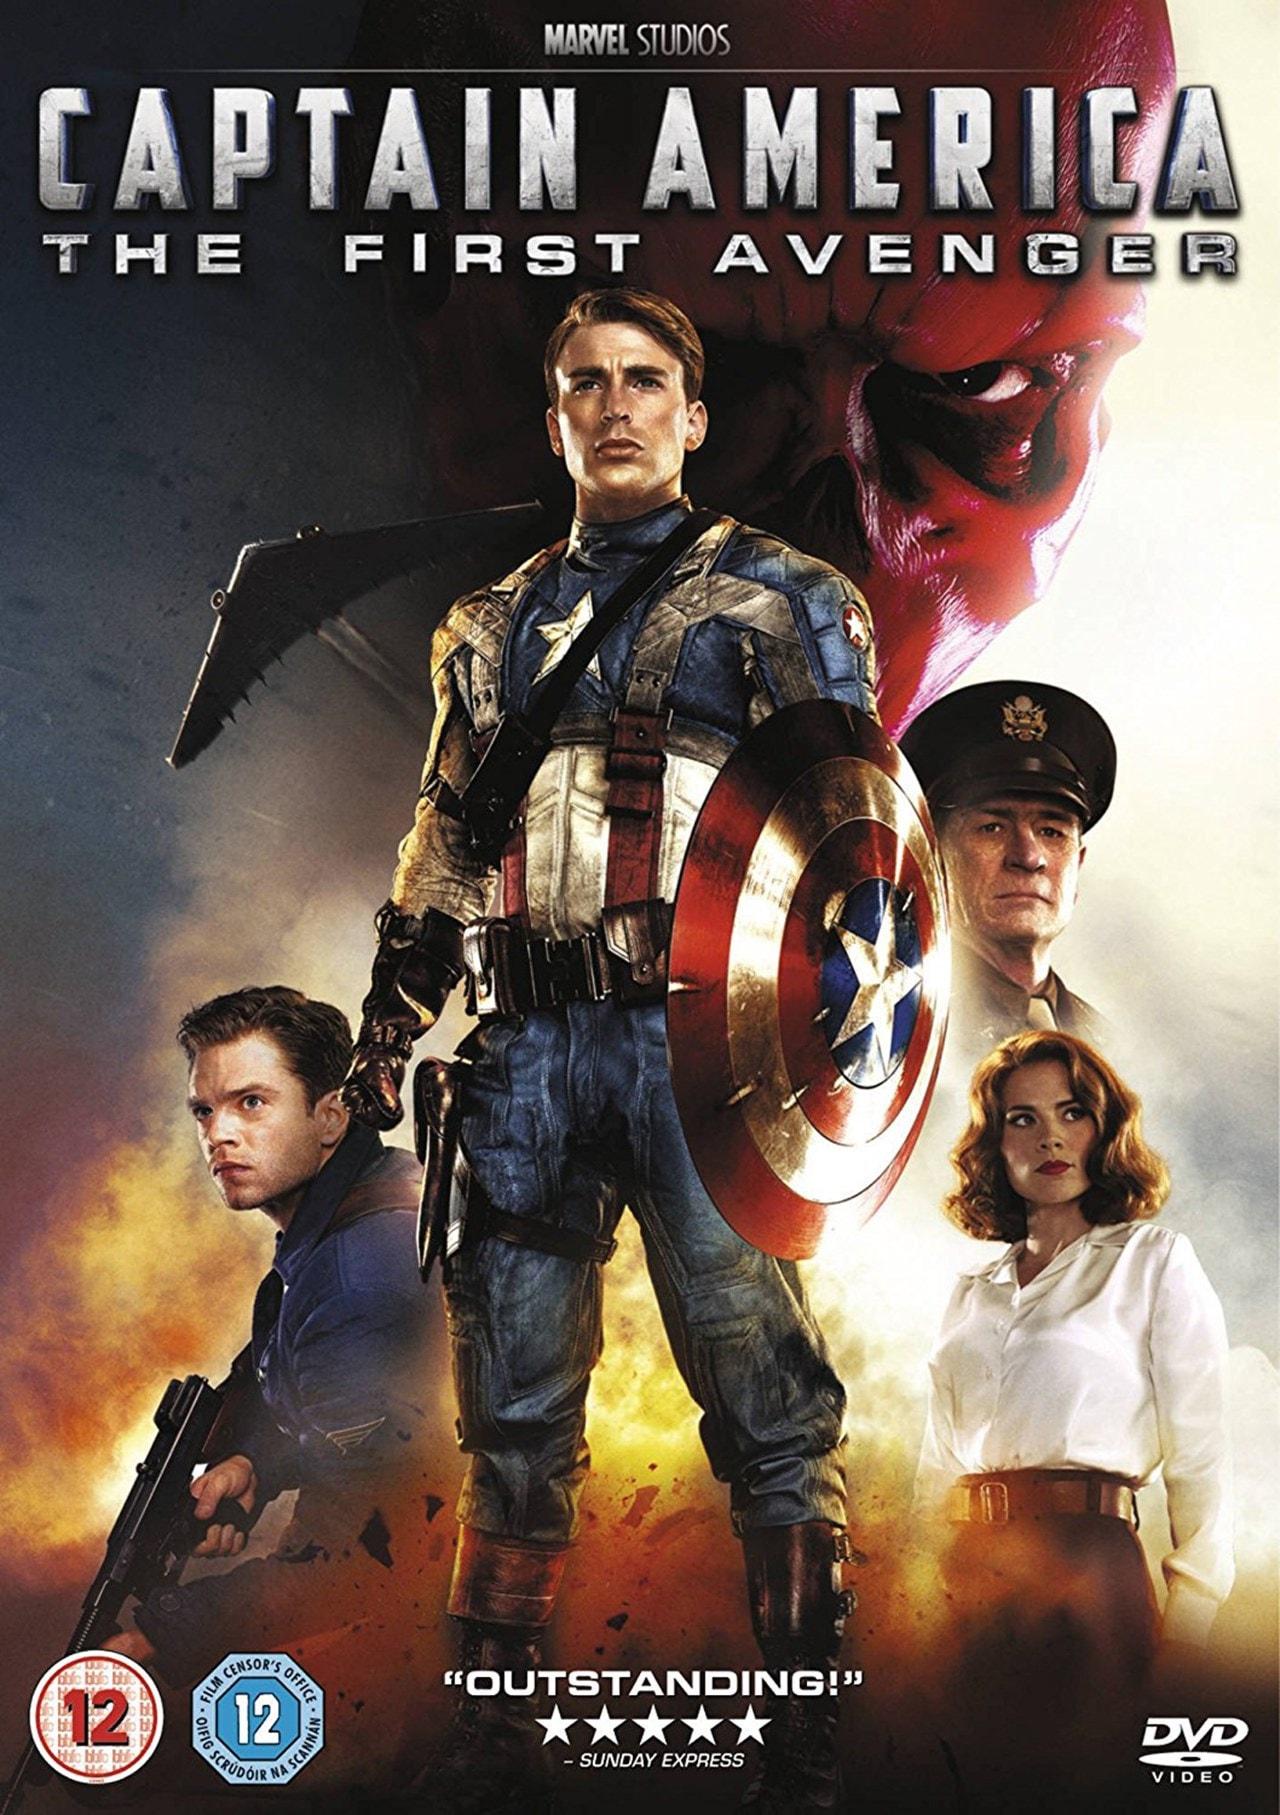 Captain America: The First Avenger - 3